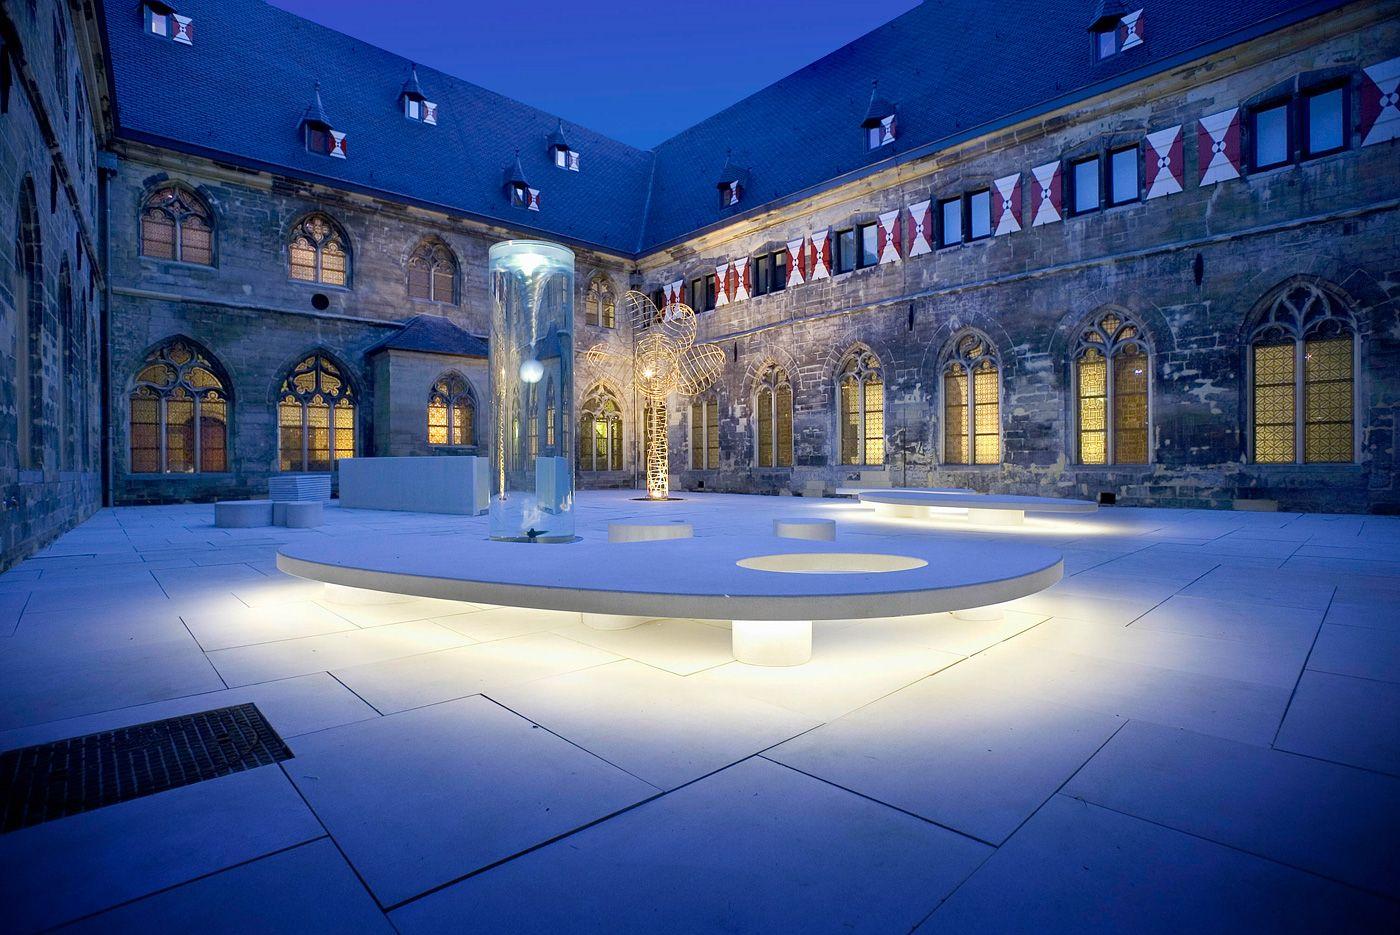 Voormalig vijftiende eeuws Kruisherenklooster in het centrum van Maastricht. Prachtige locatie voor een event.